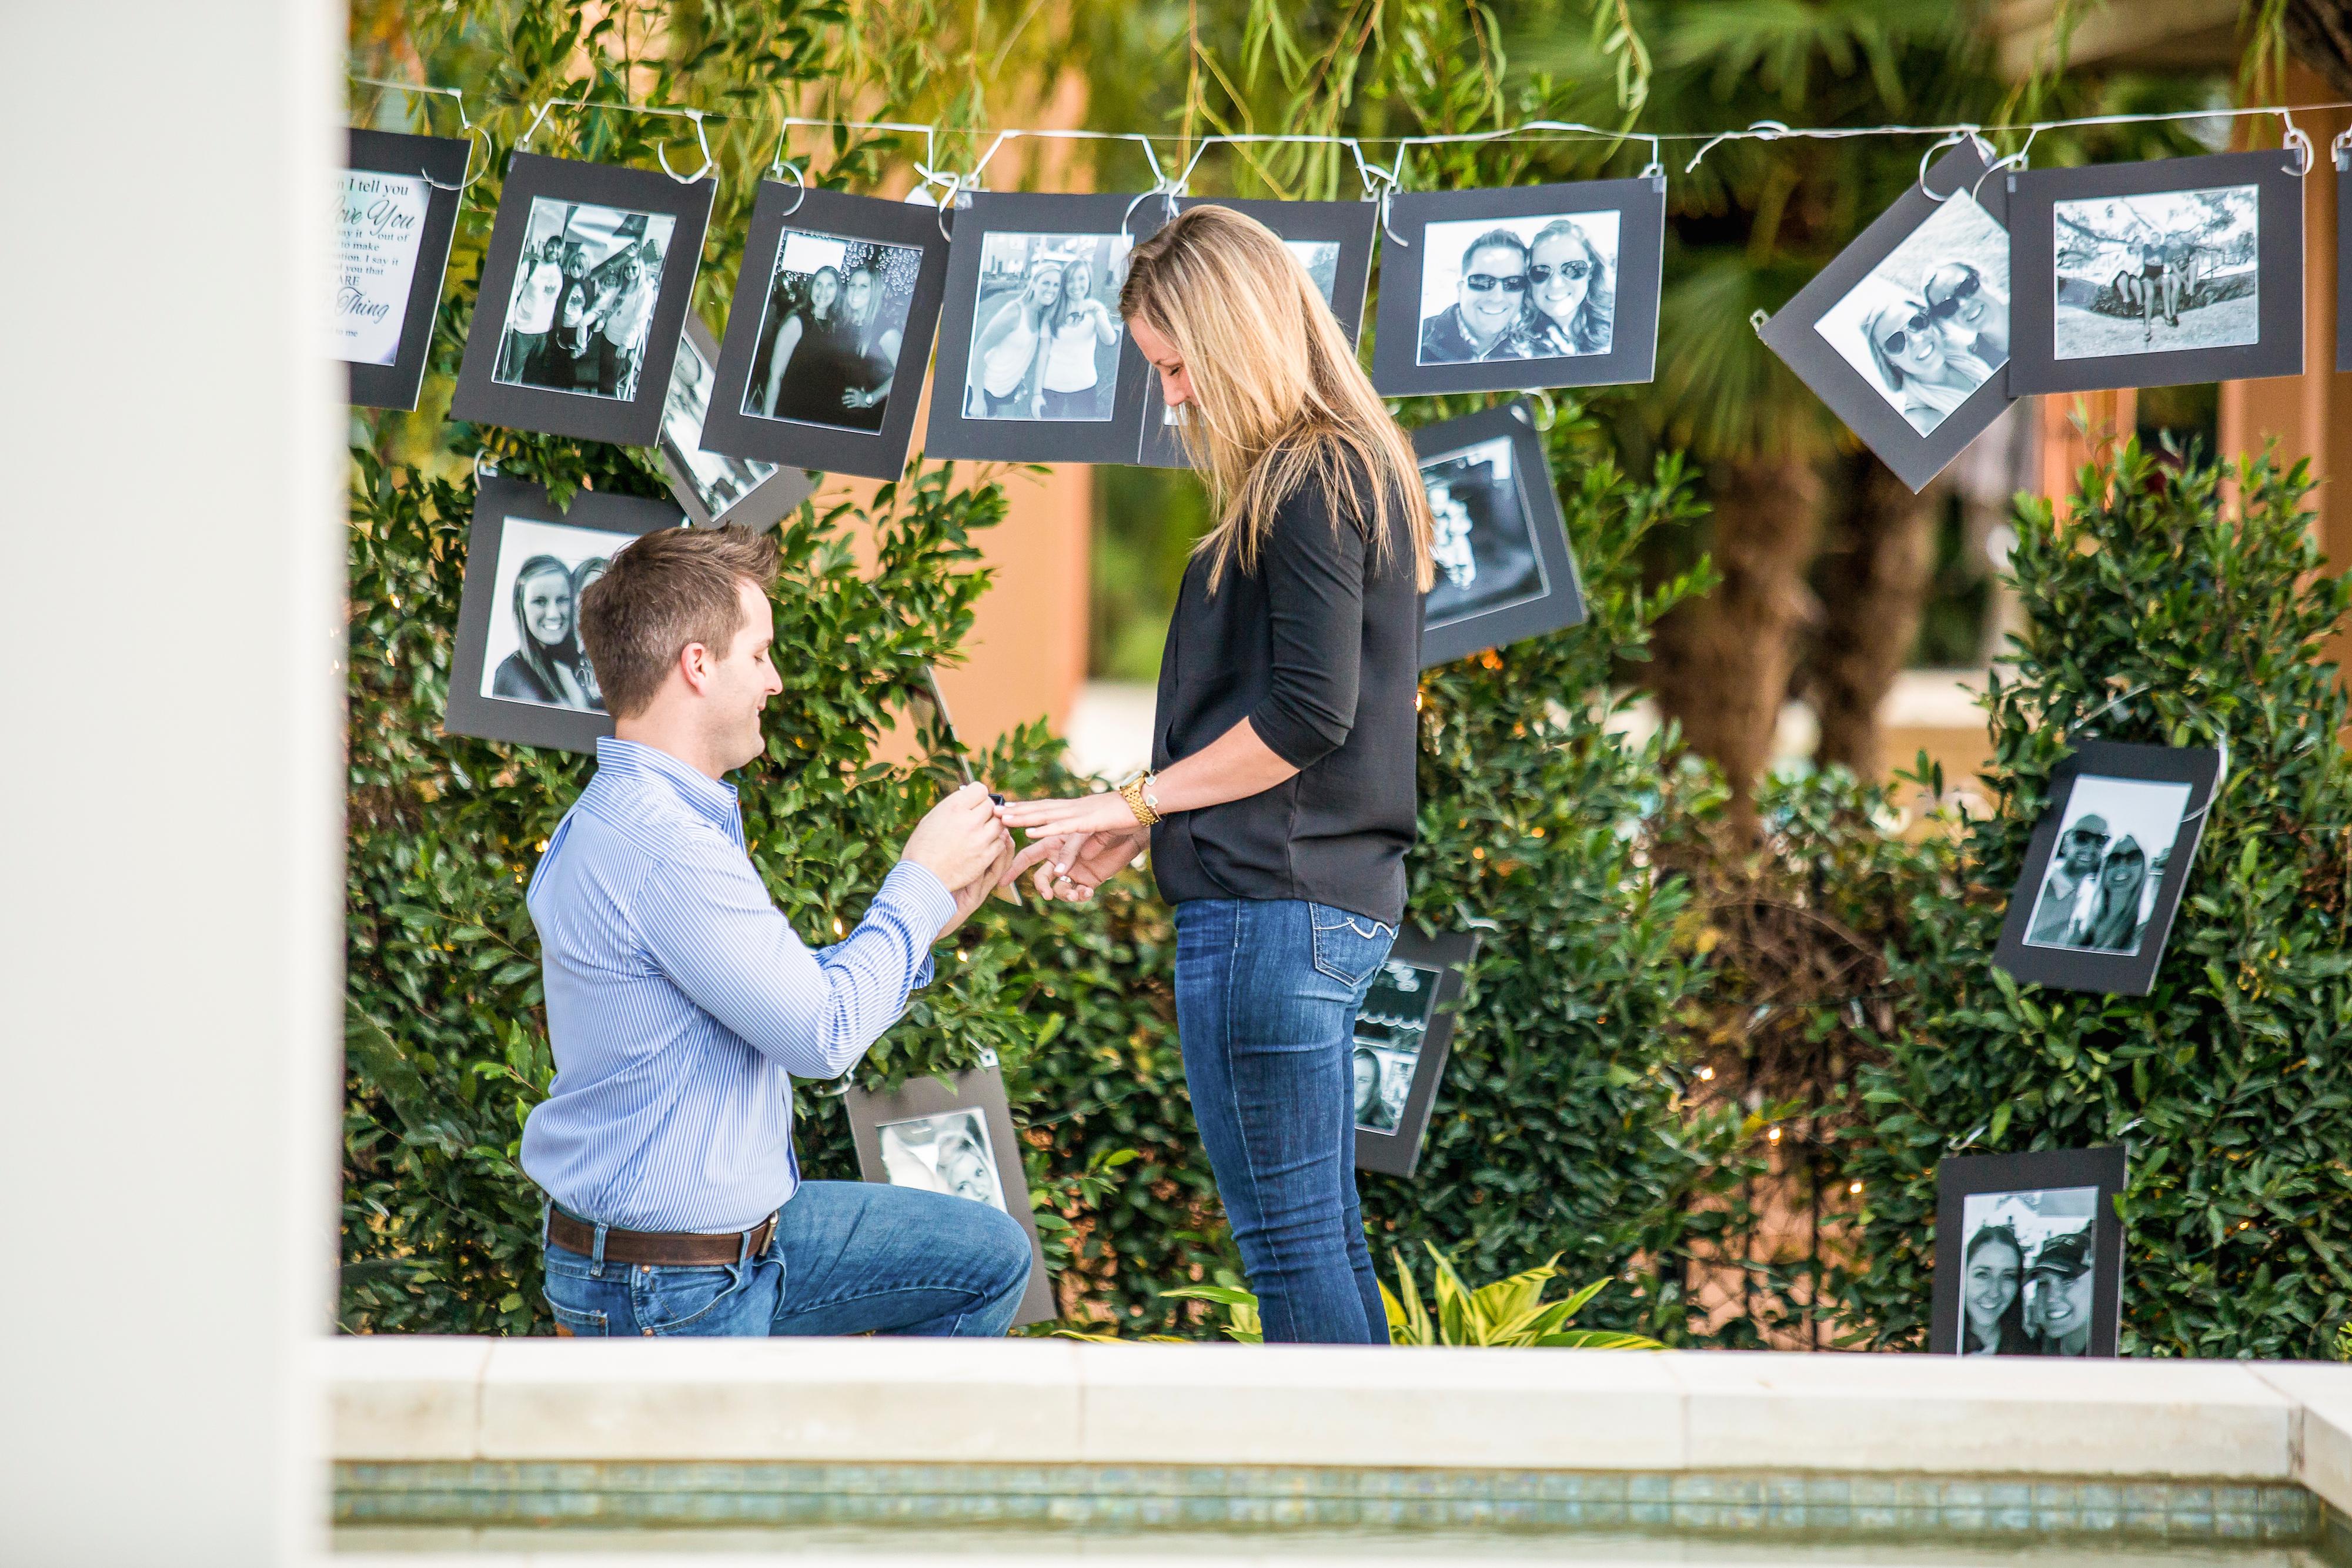 Austin Marriage Proposal Ideas